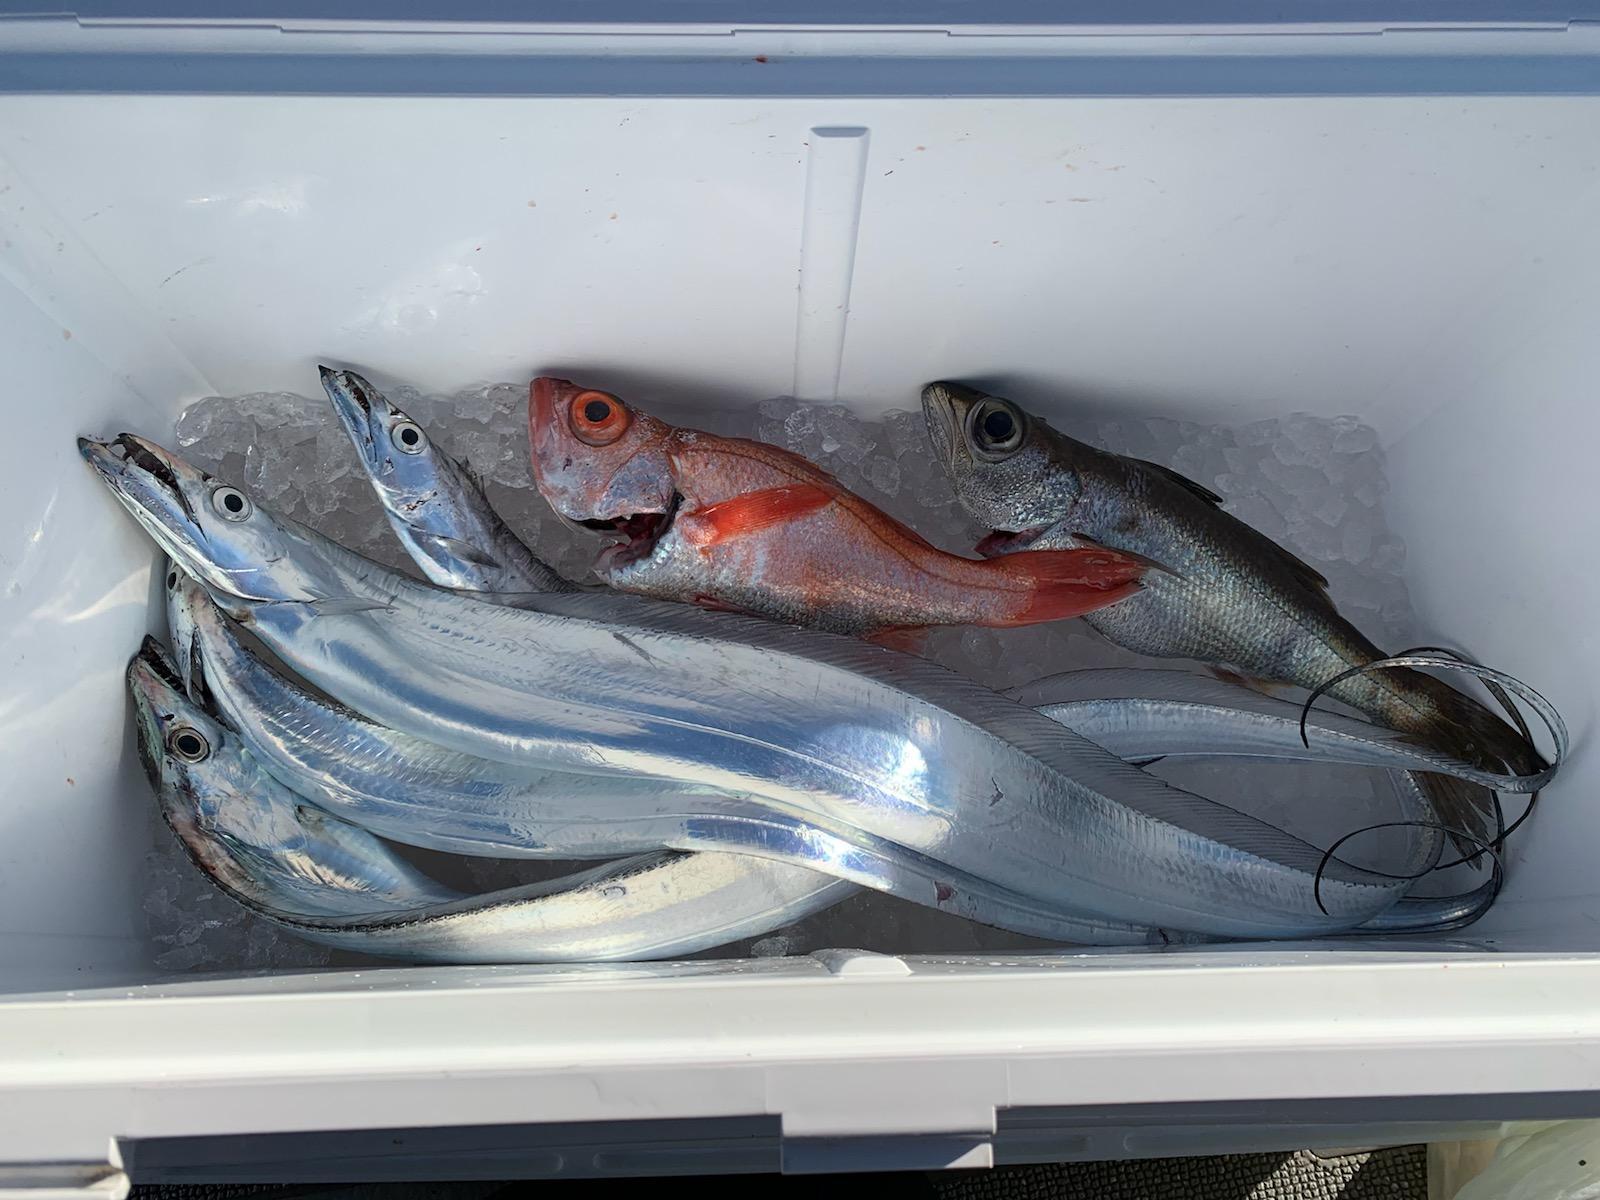 ノドグロ・クロムツ・タチウオが釣れました。